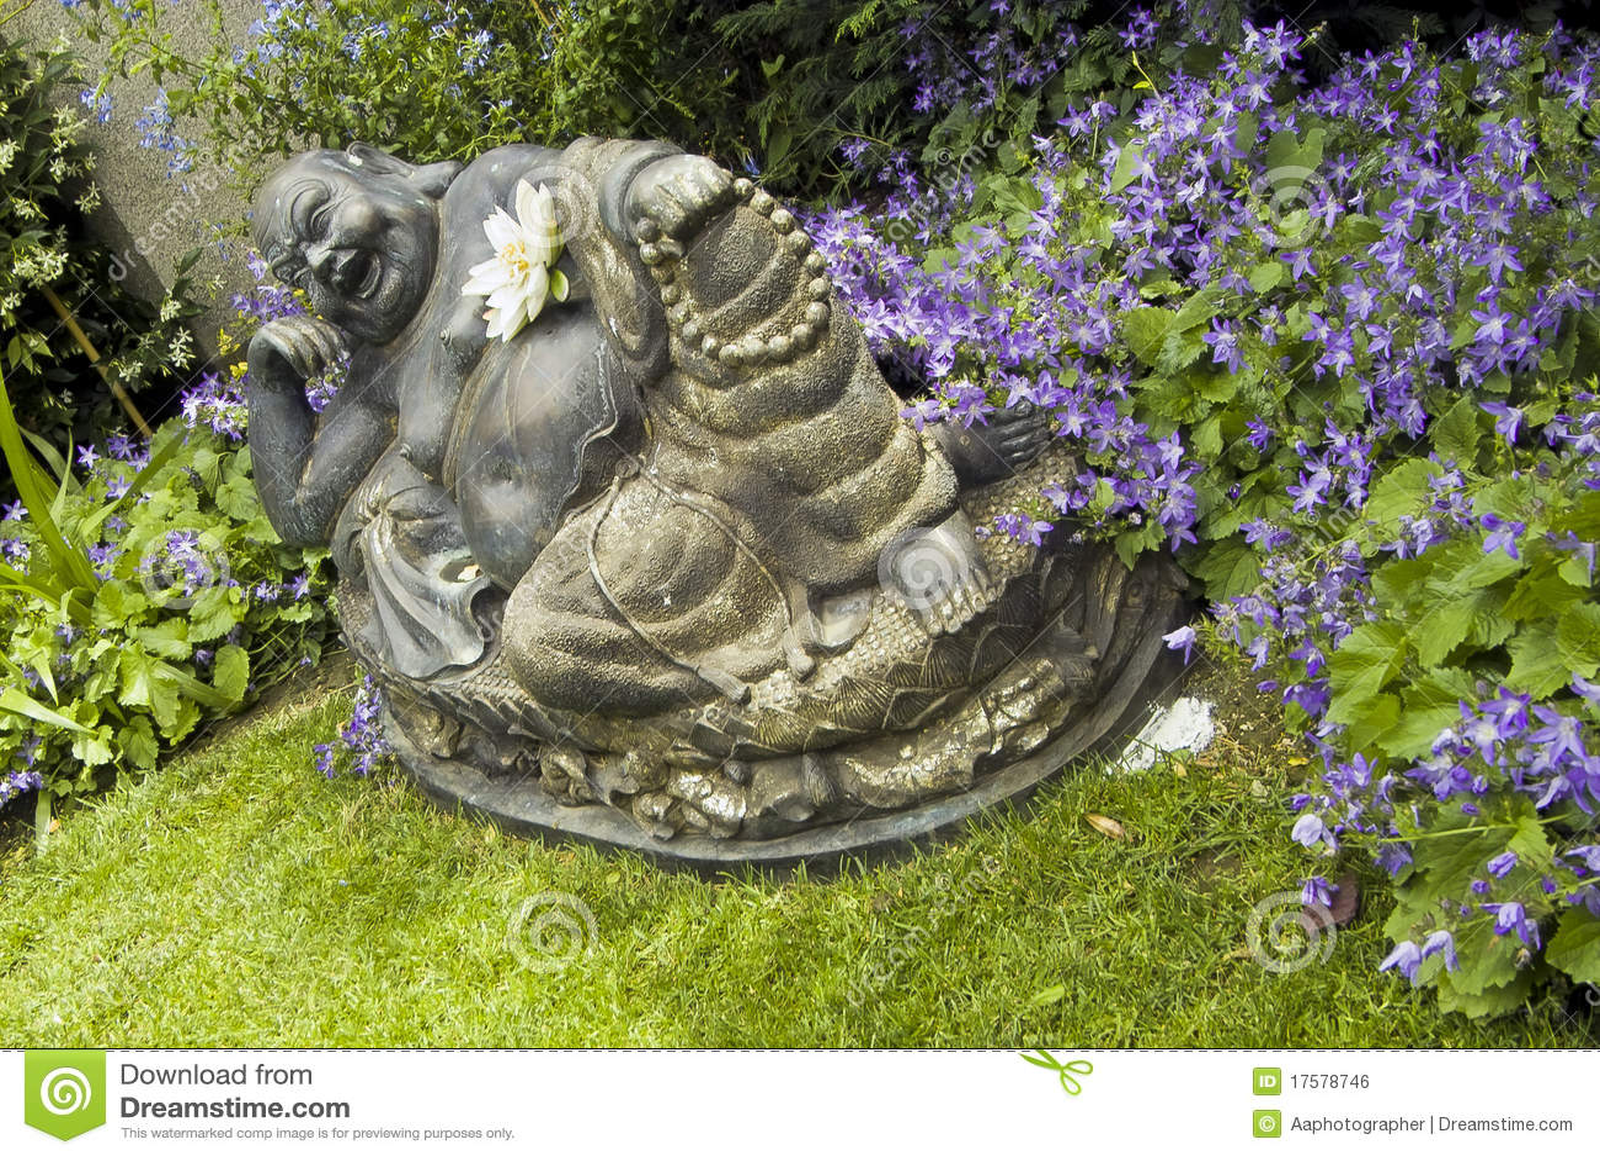 lachende buddha statue im blumigen garten lizenzfreies. Black Bedroom Furniture Sets. Home Design Ideas